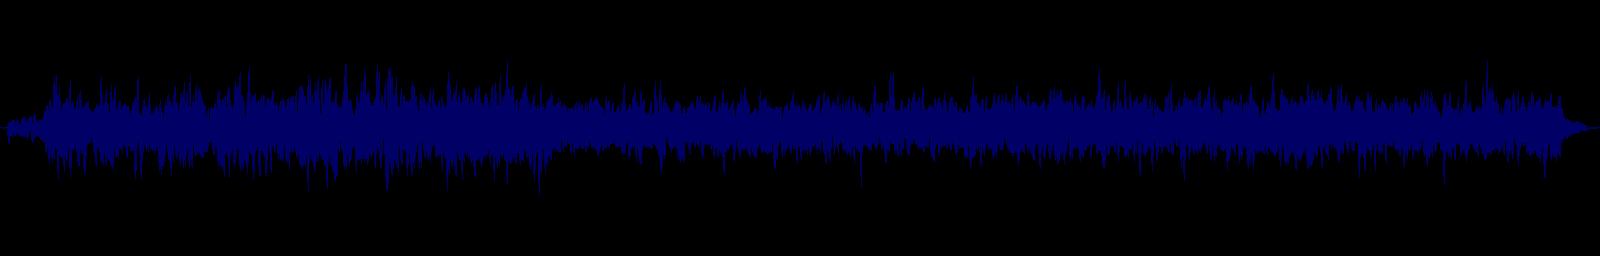 waveform of track #122234